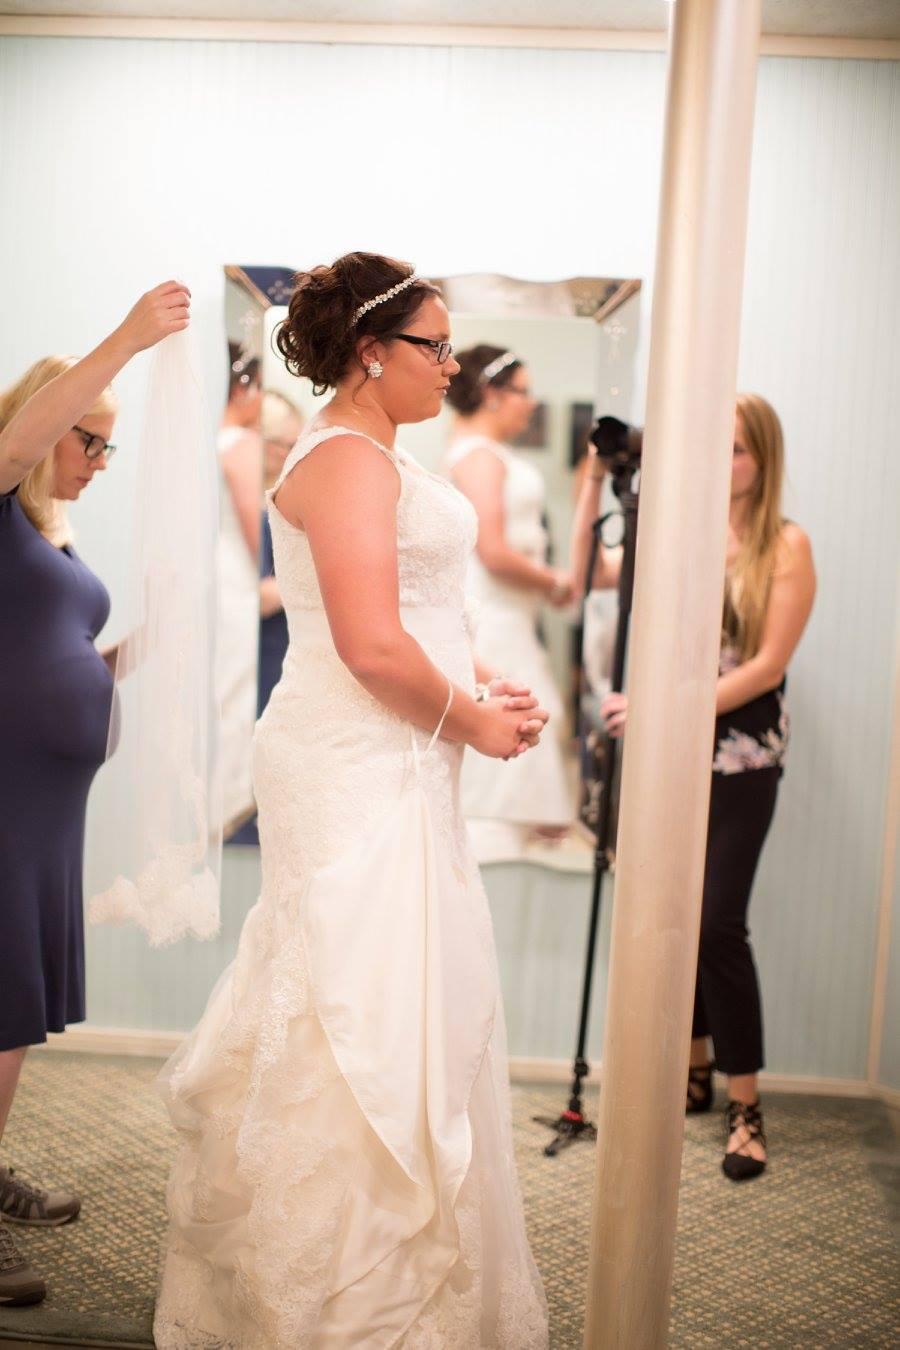 Photo: Dani Stephenson Weddings